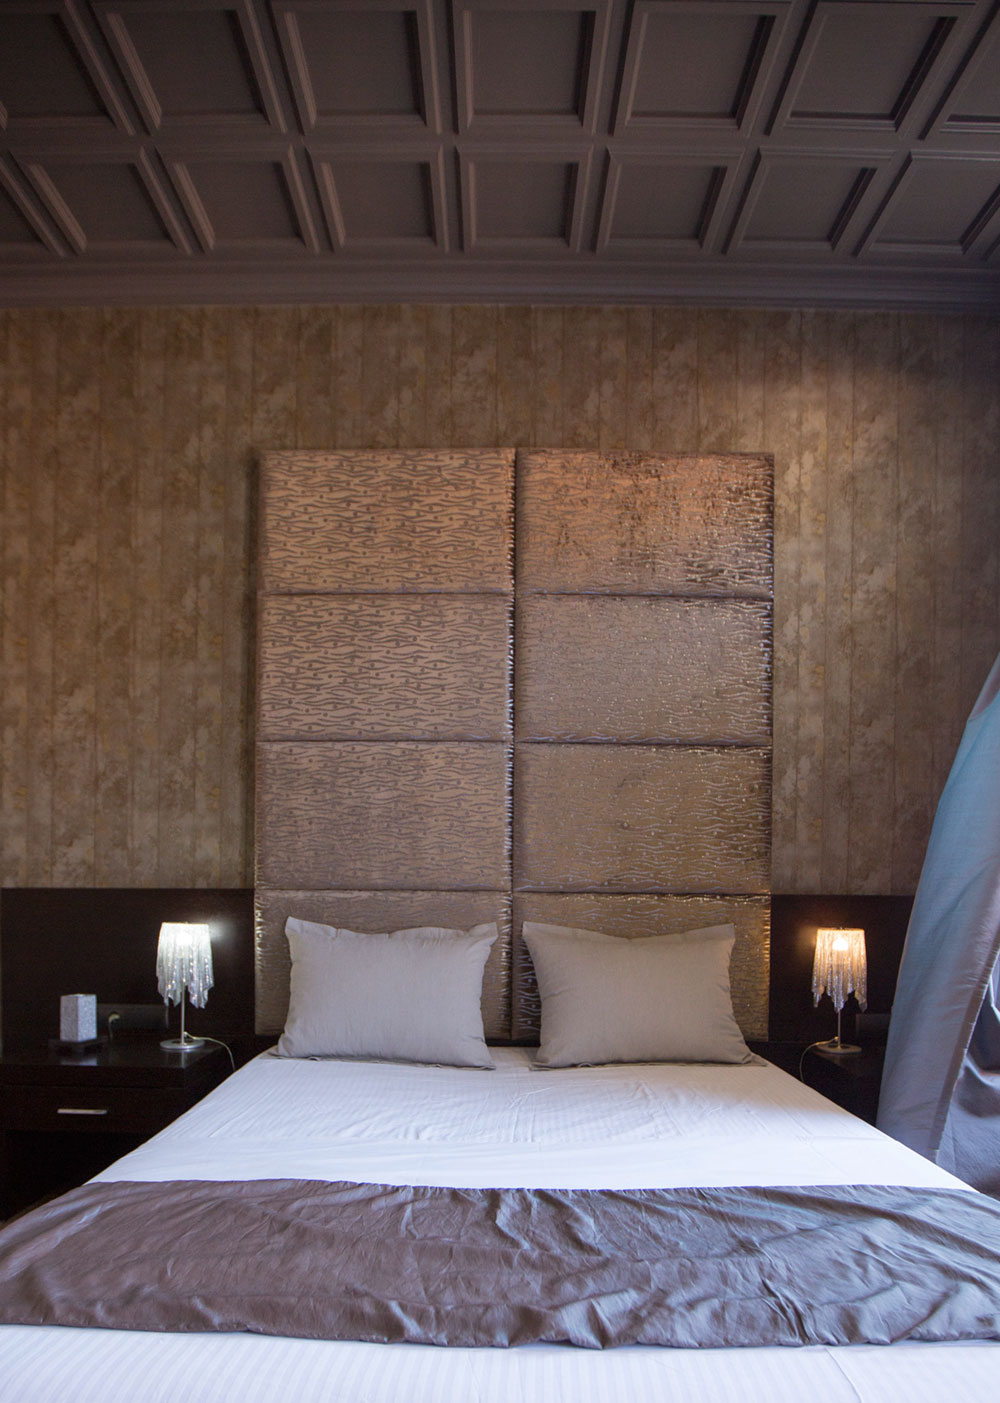 aion-hotel-executive-a4-b4-6.jpg